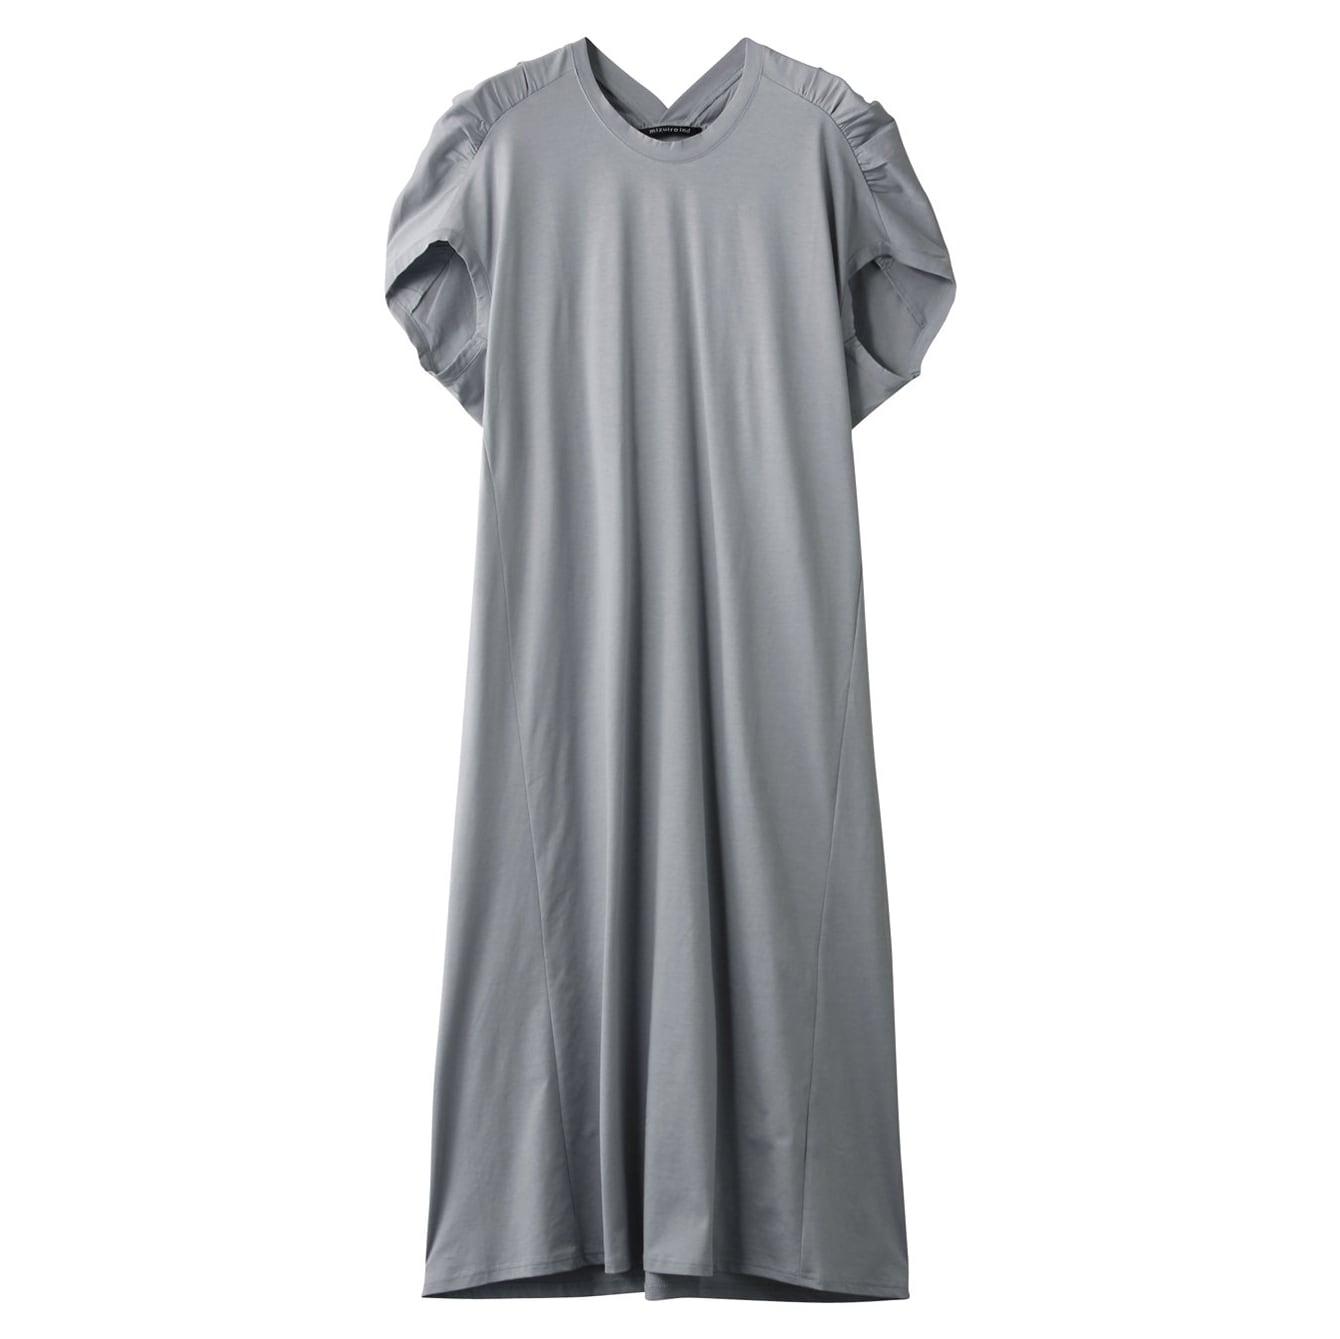 エディターが選んだおこもり生活を快適にするストレスフリー服とは?